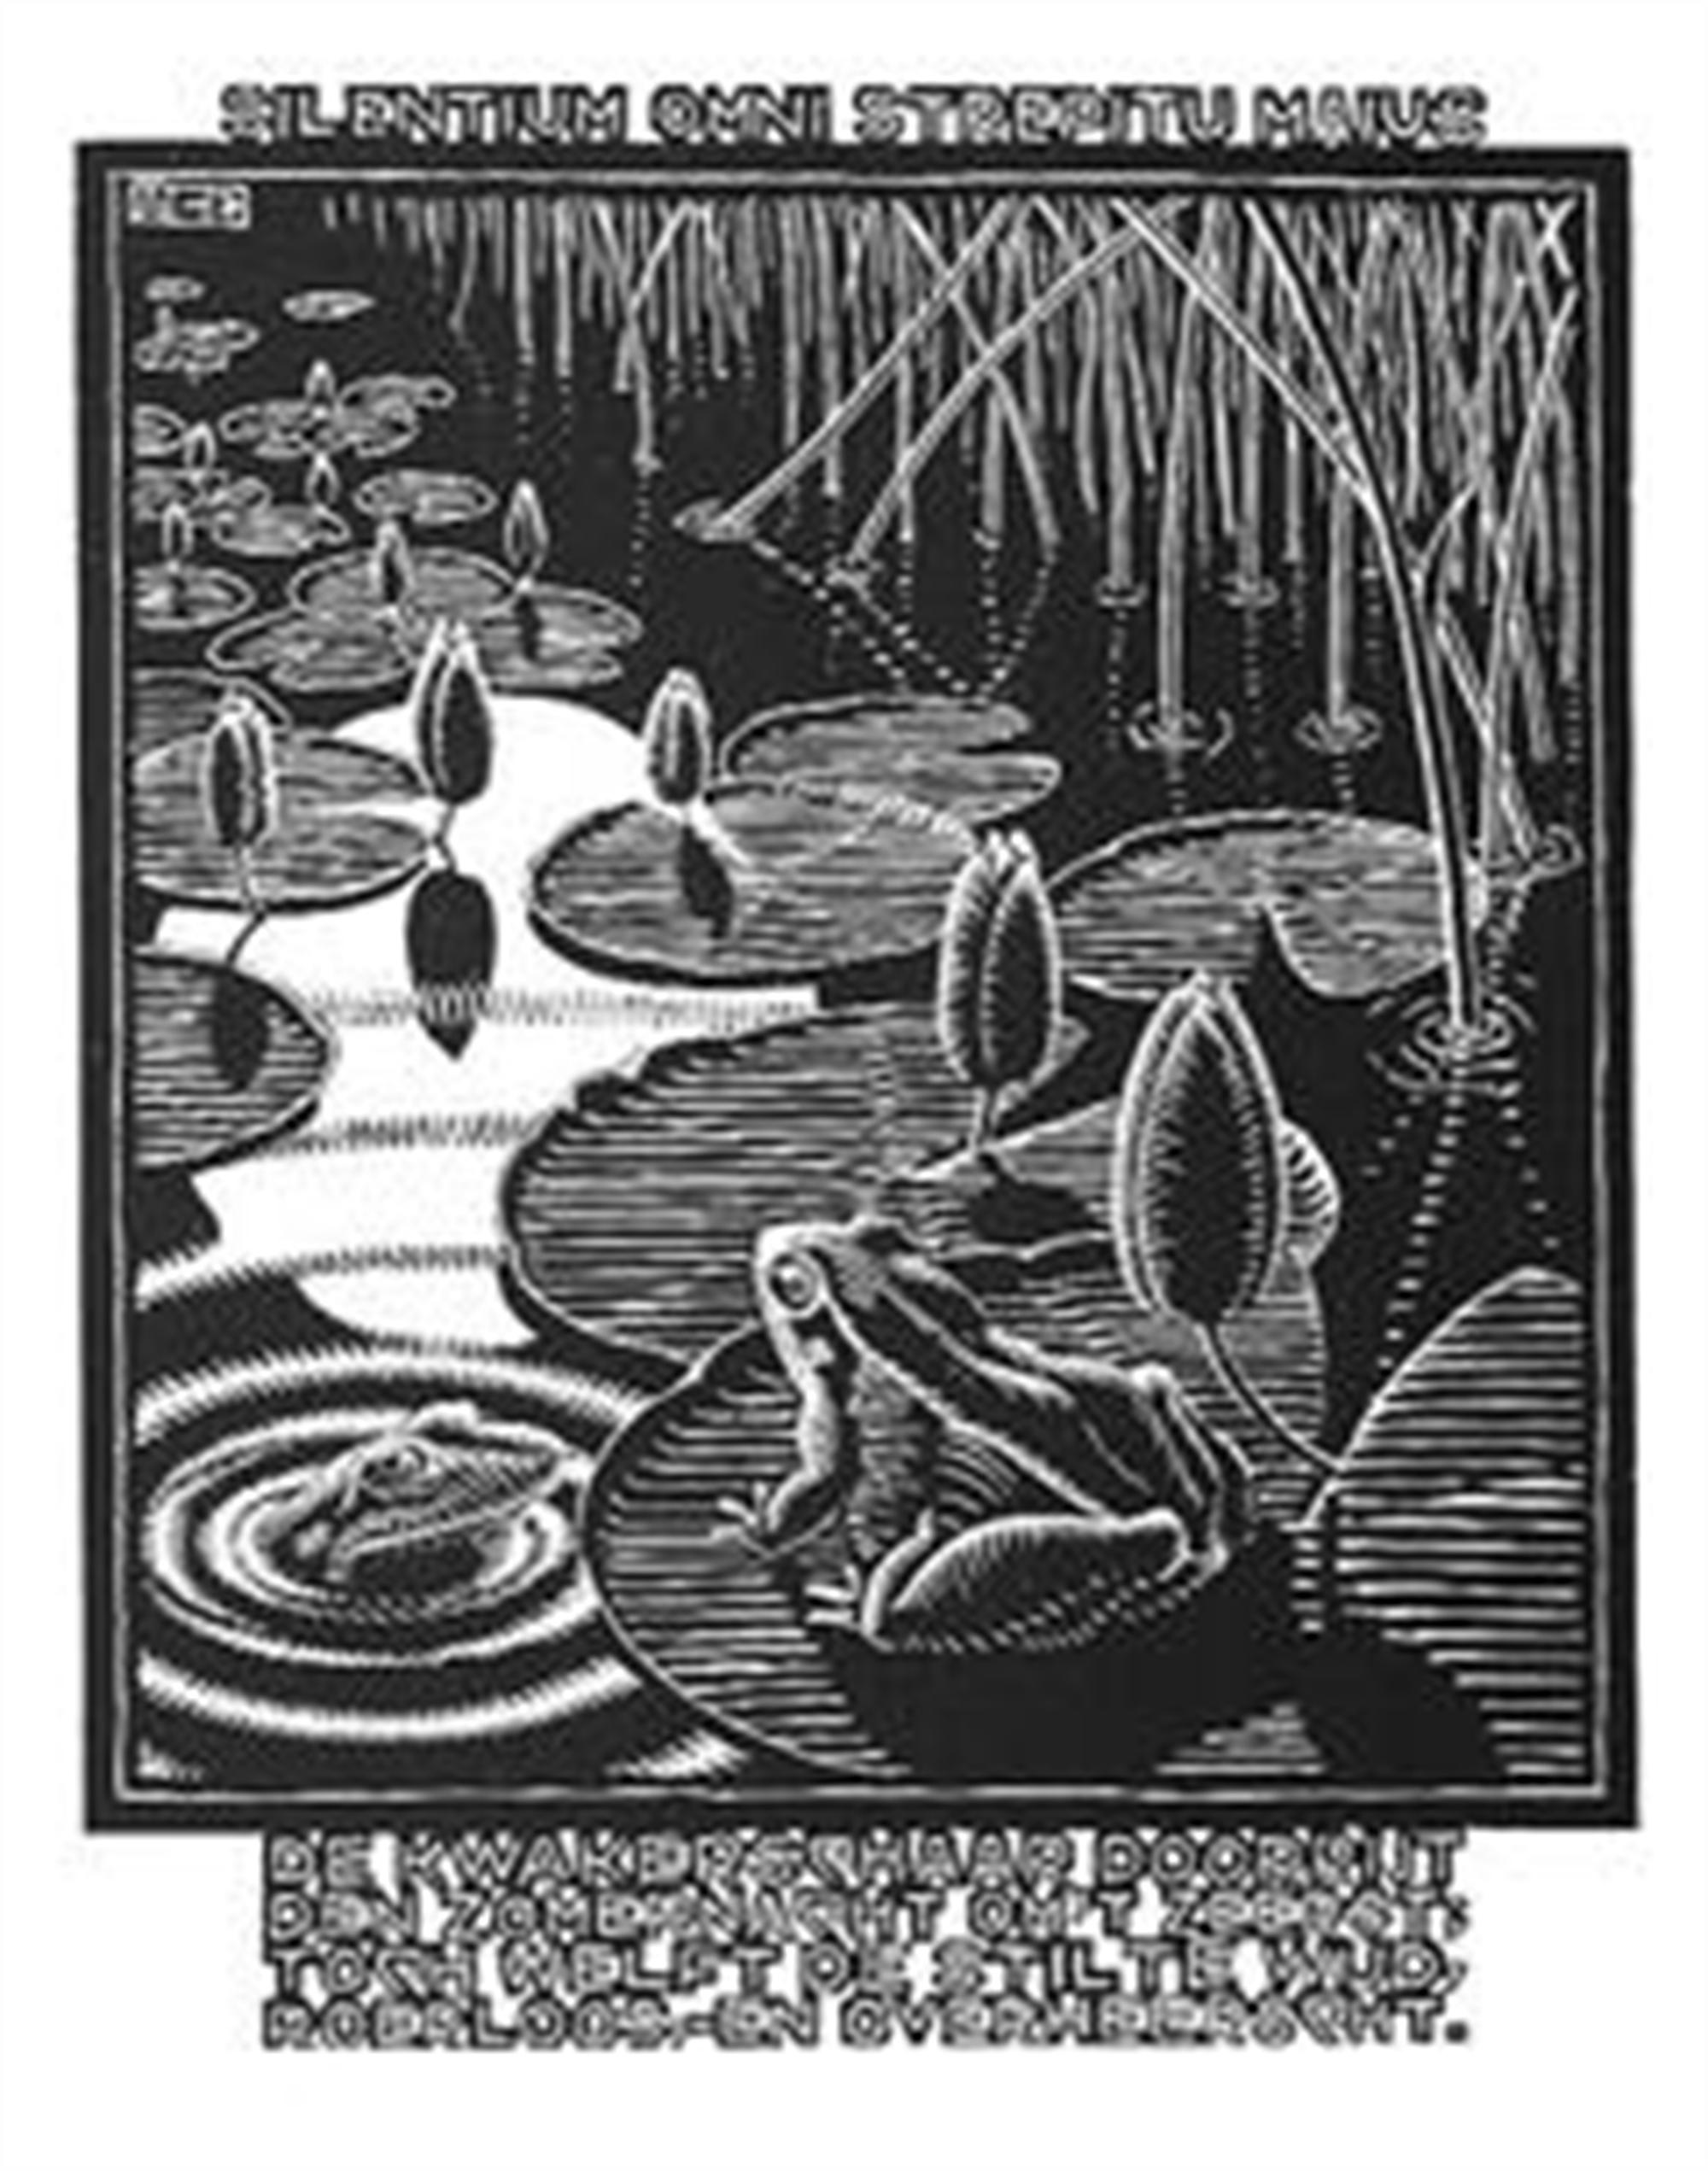 Emblemata - Frog by M.C. Escher